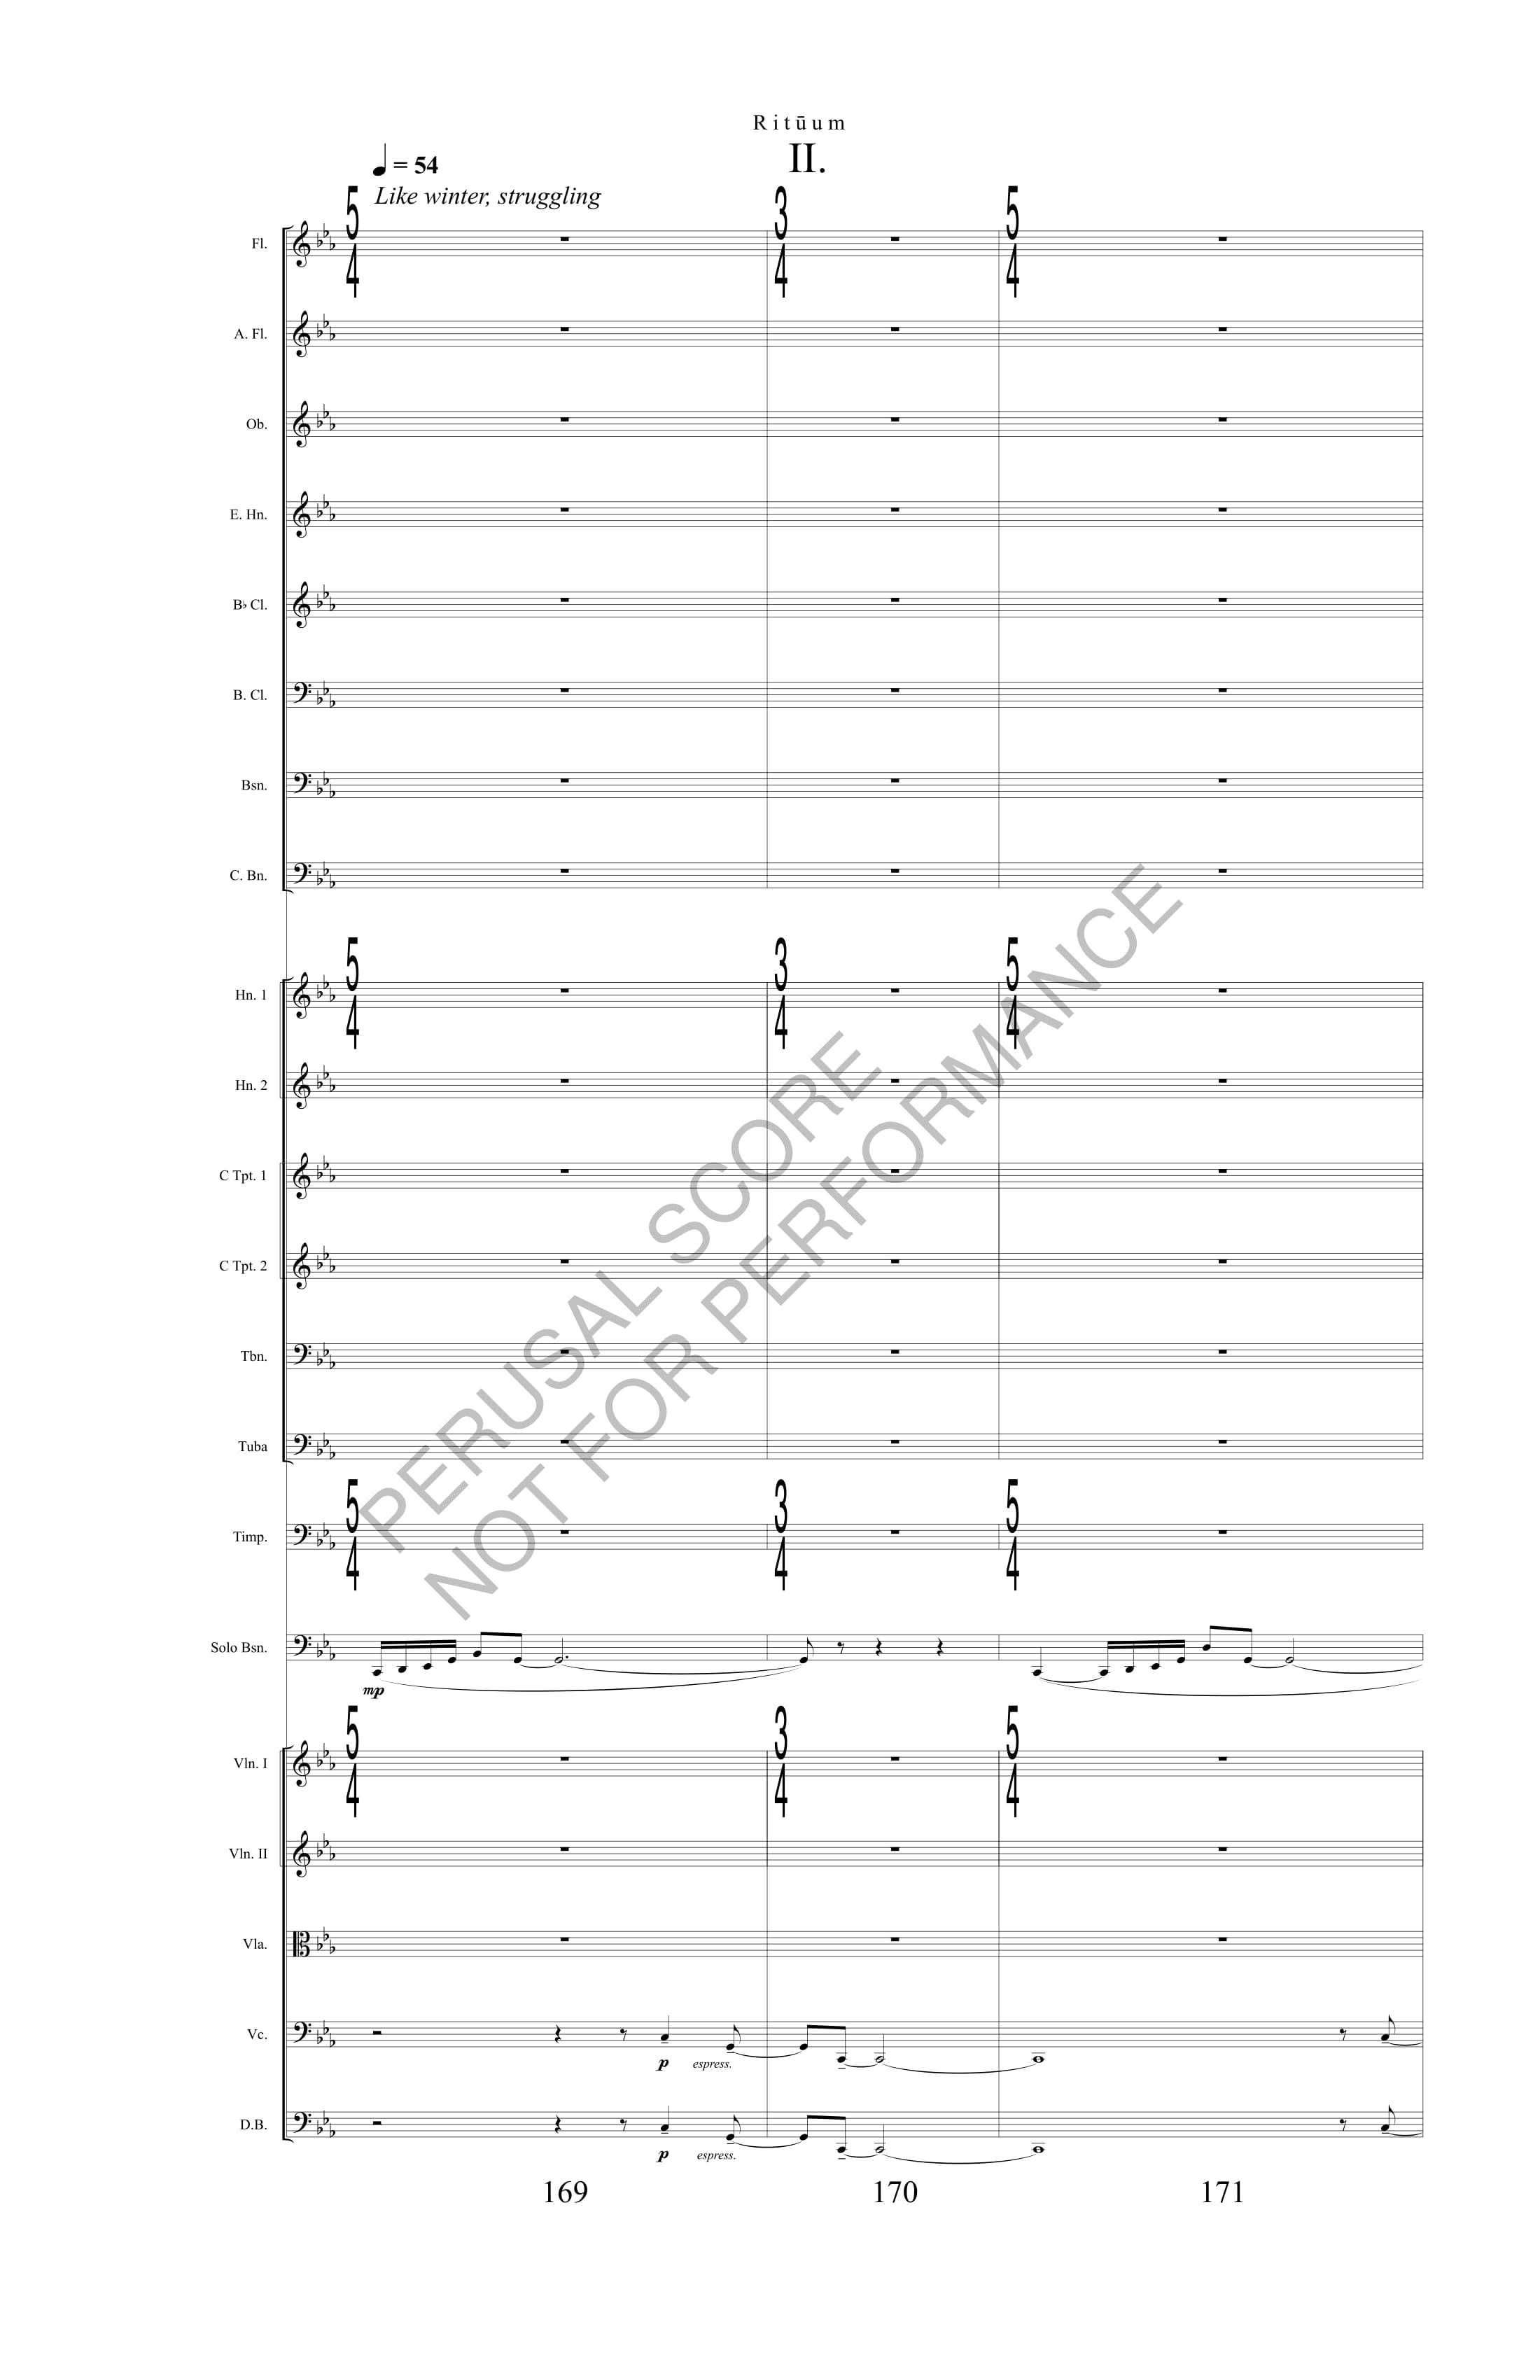 Boyd Rituum Score-watermark (1)-41.jpg